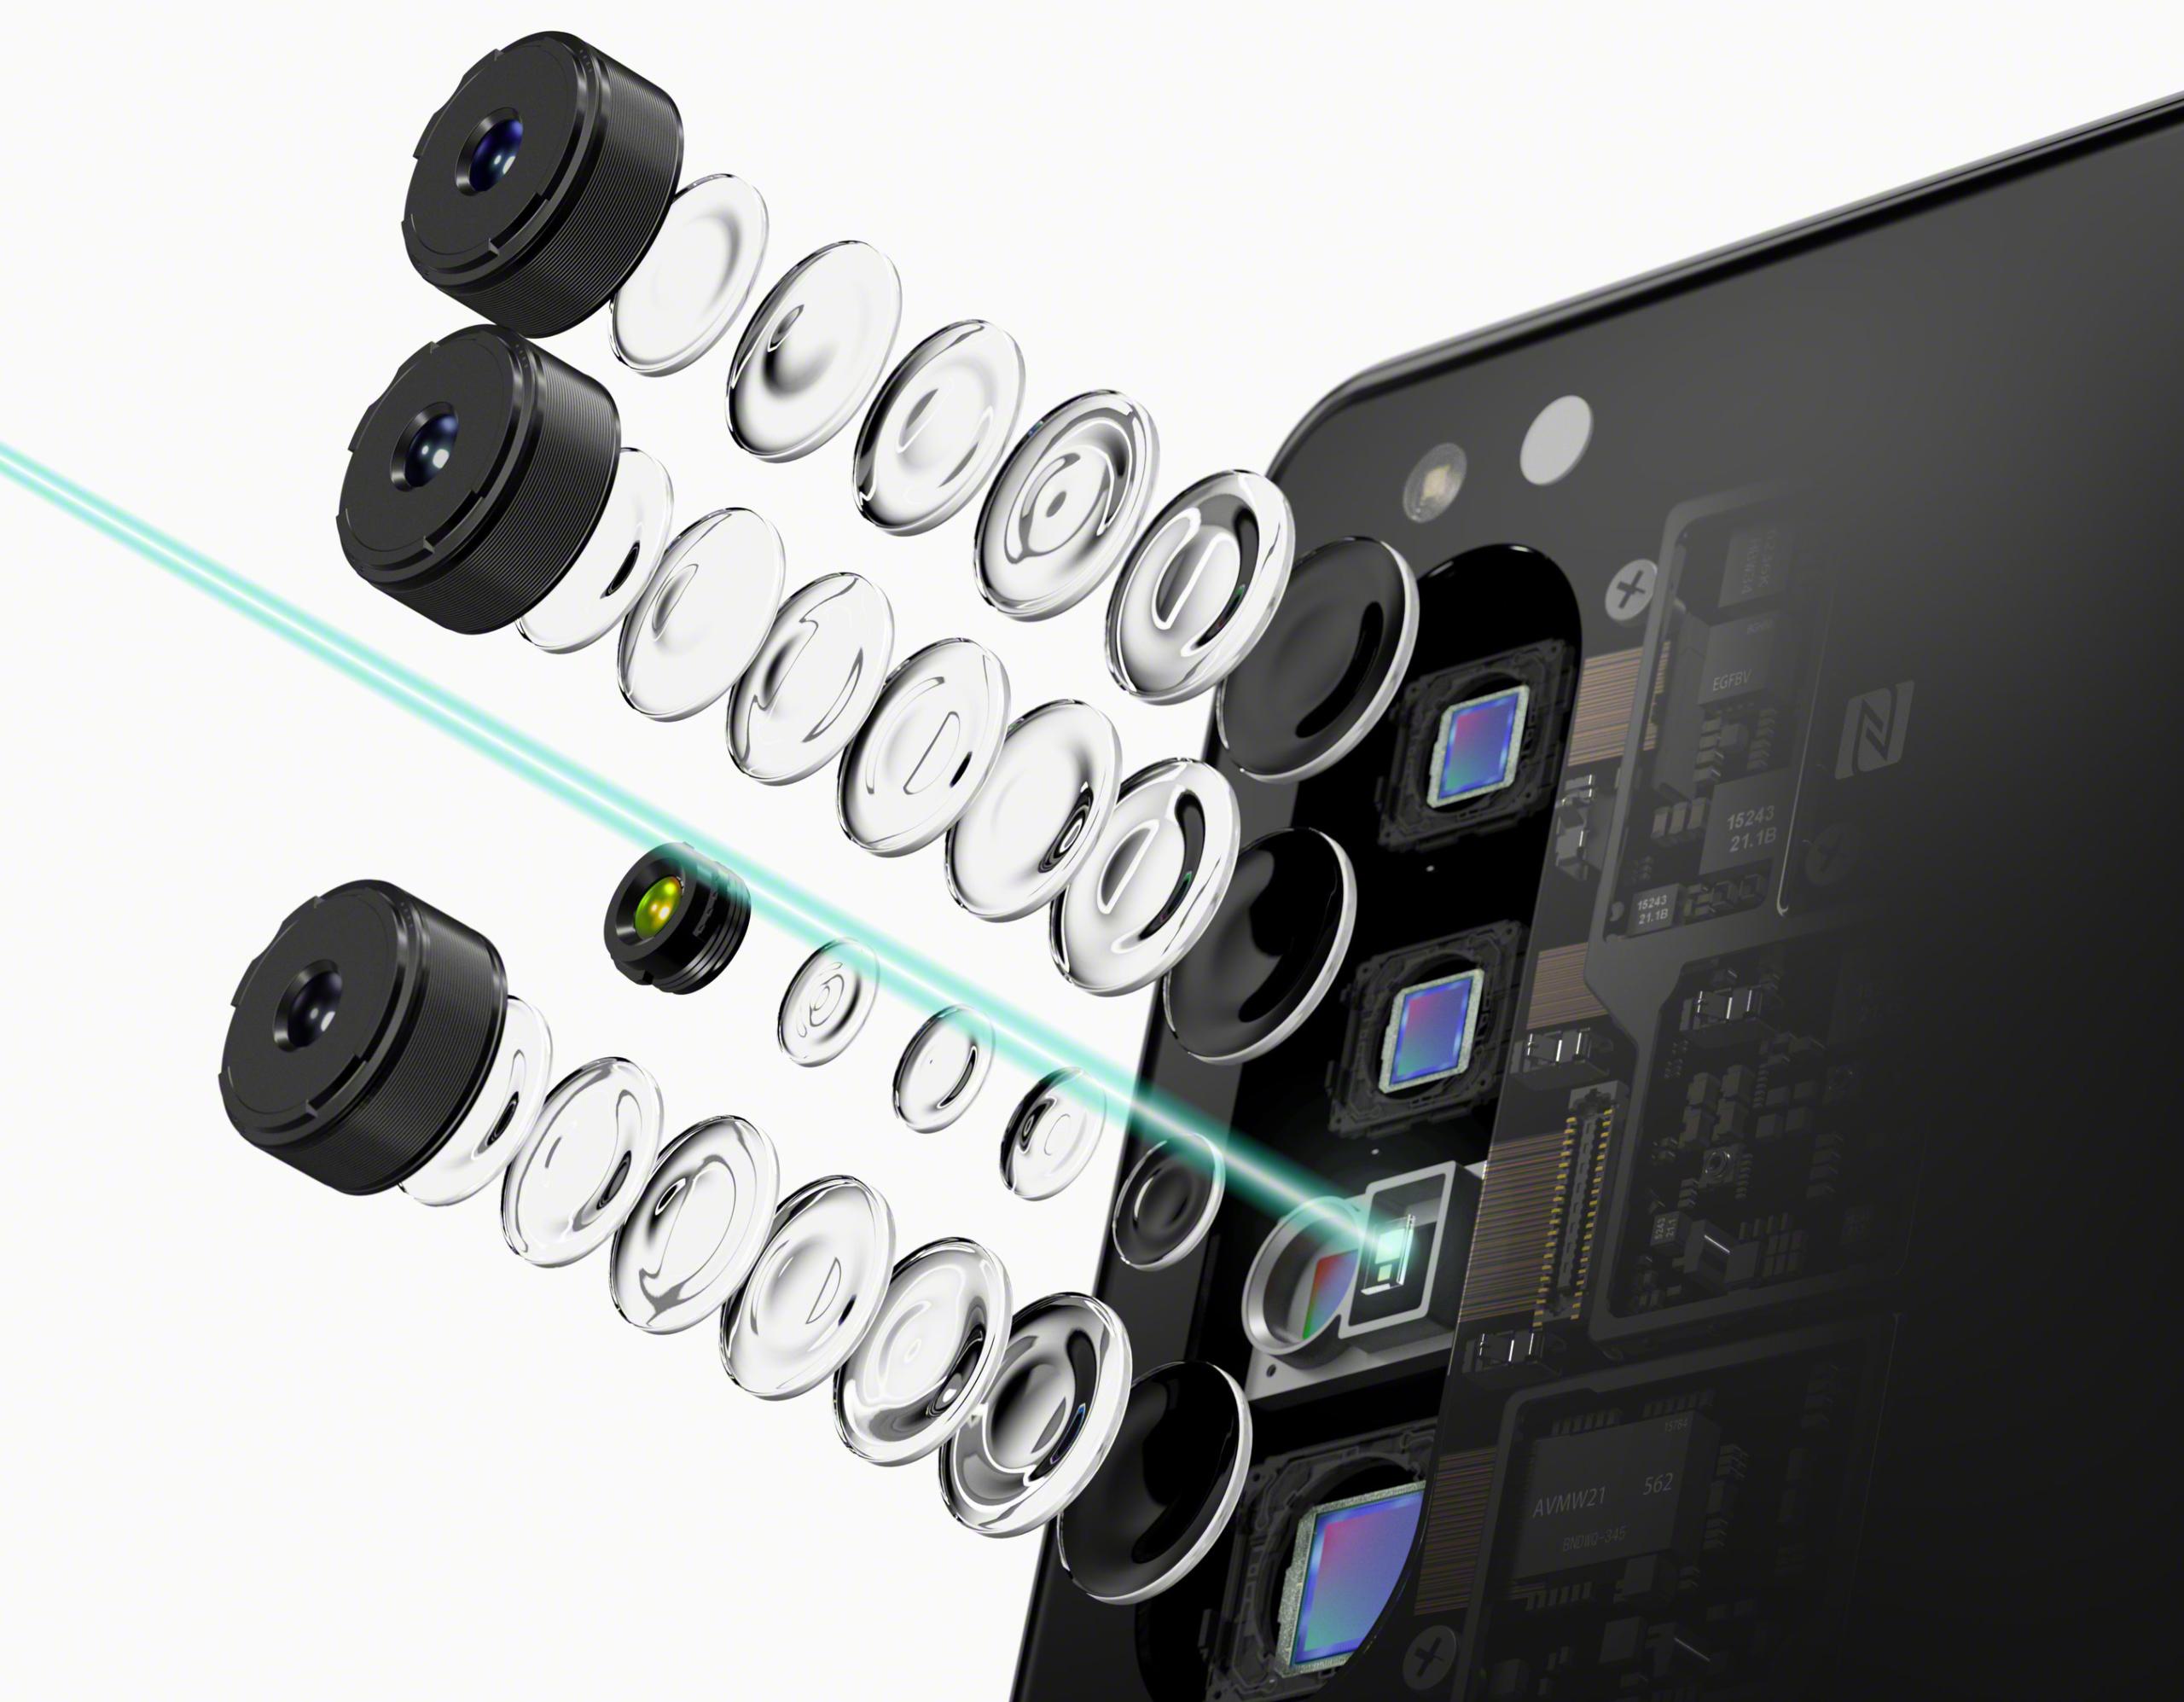 Föreläsning: Mobilkamerornas påverkan på systemkamerorna